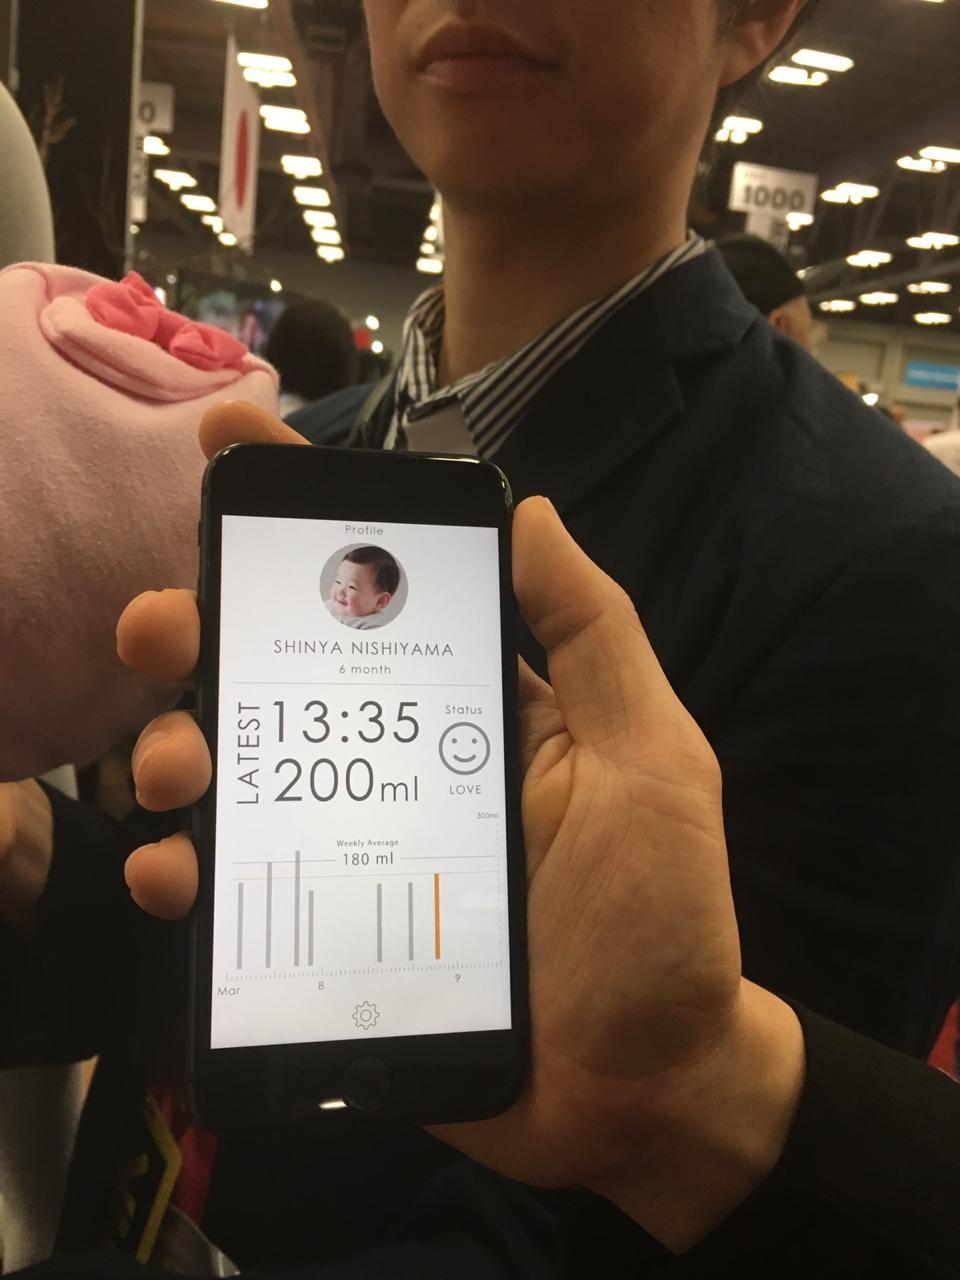 As informações sobre a quantidade de leite ingerida aparecem em um aplicativo (Foto: Crescer)